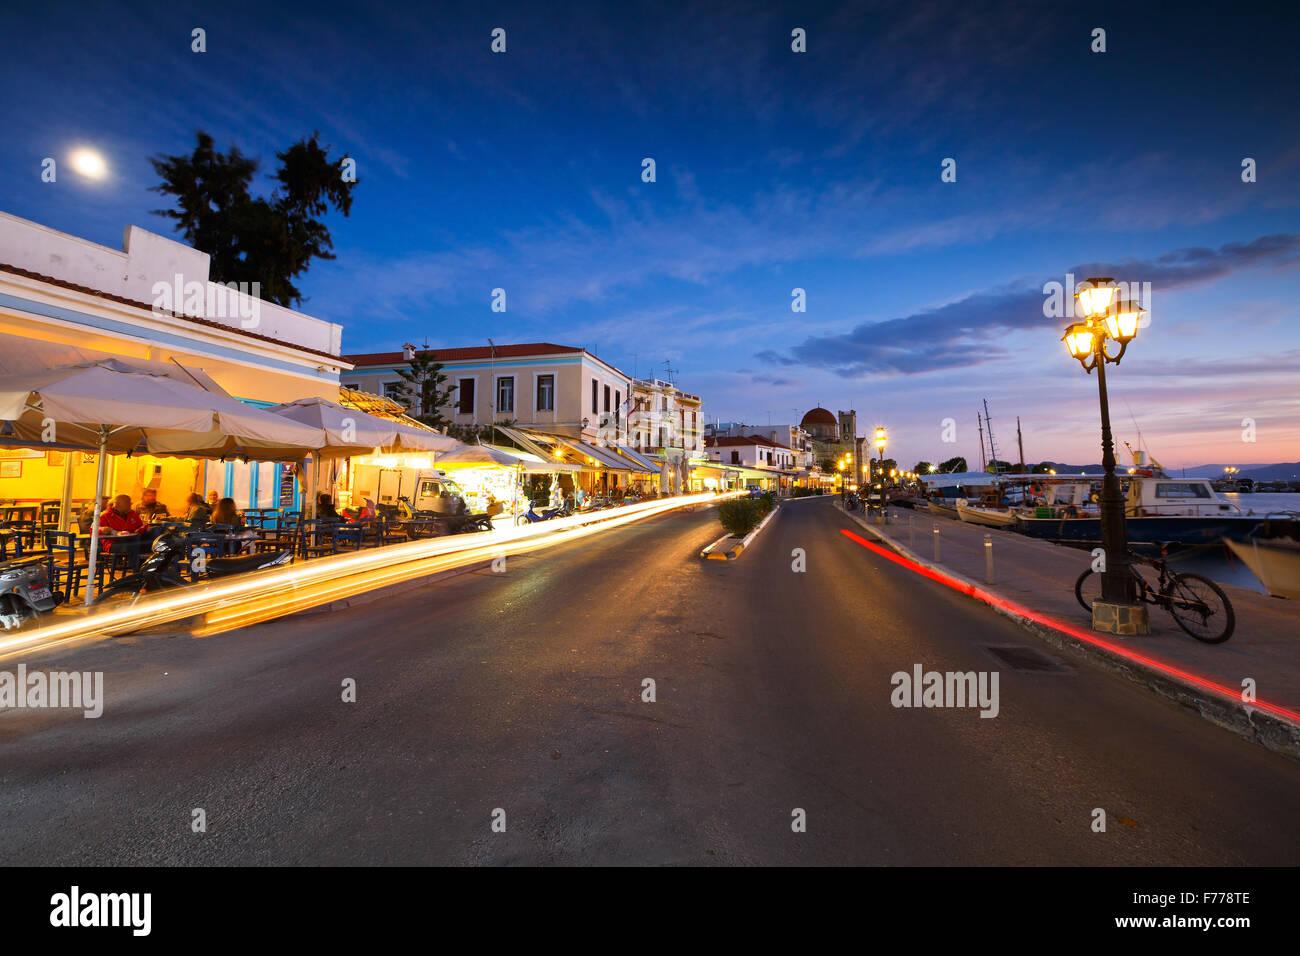 Vista del lungomare con i negozi di caffè, bar e ristoranti e barche da pesca nel porto di Aegina Island, Grecia Immagini Stock